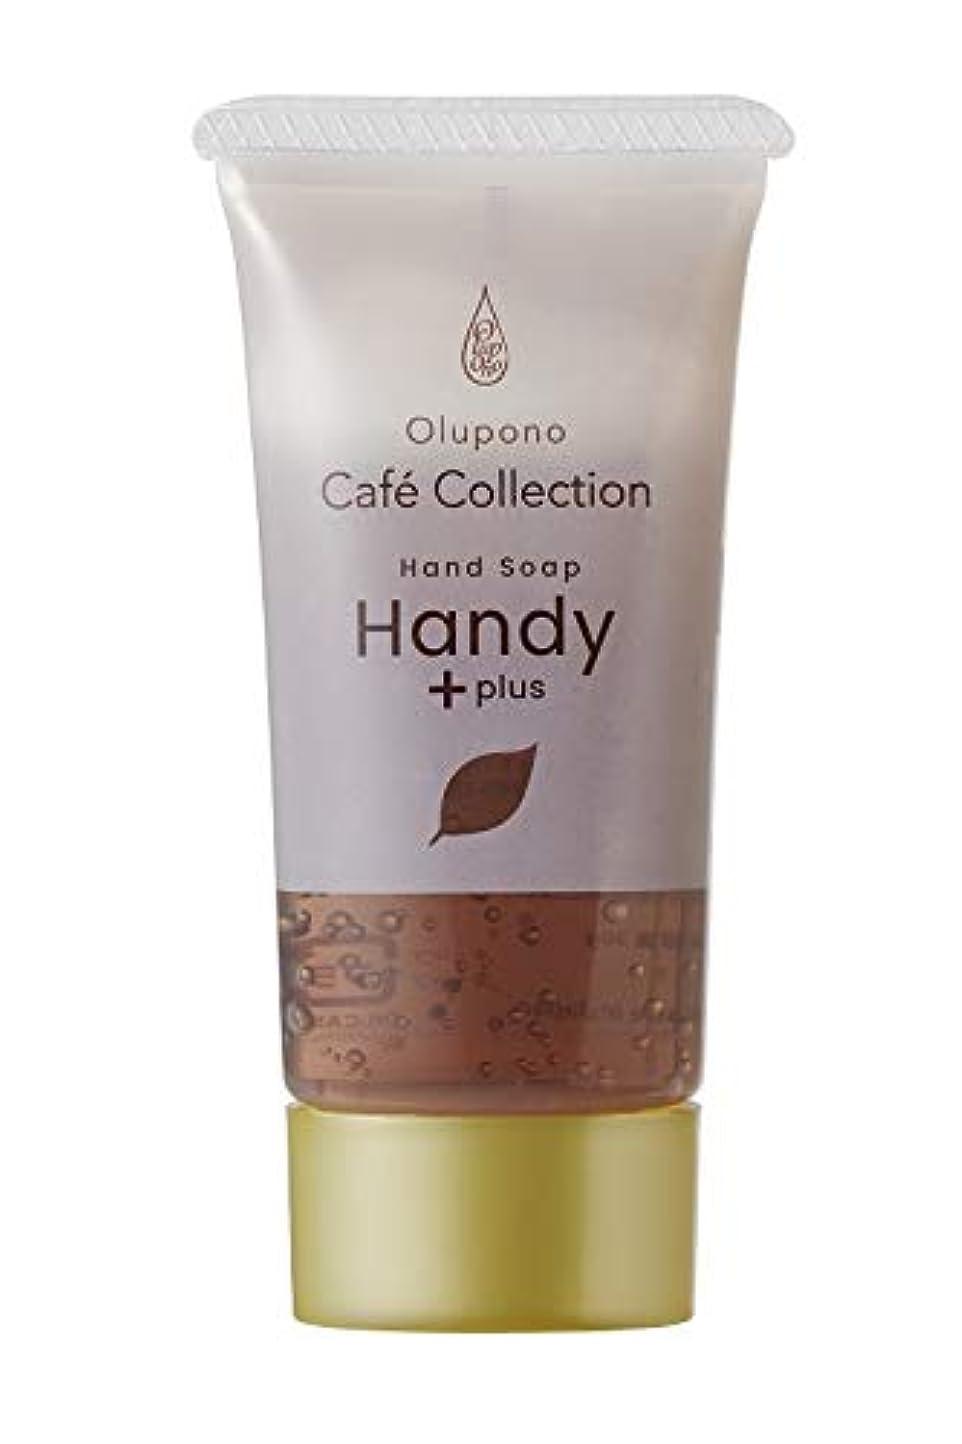 新しい意味かもめごみオルポノカフェコレクションHandy+plus<30g> コーヒー